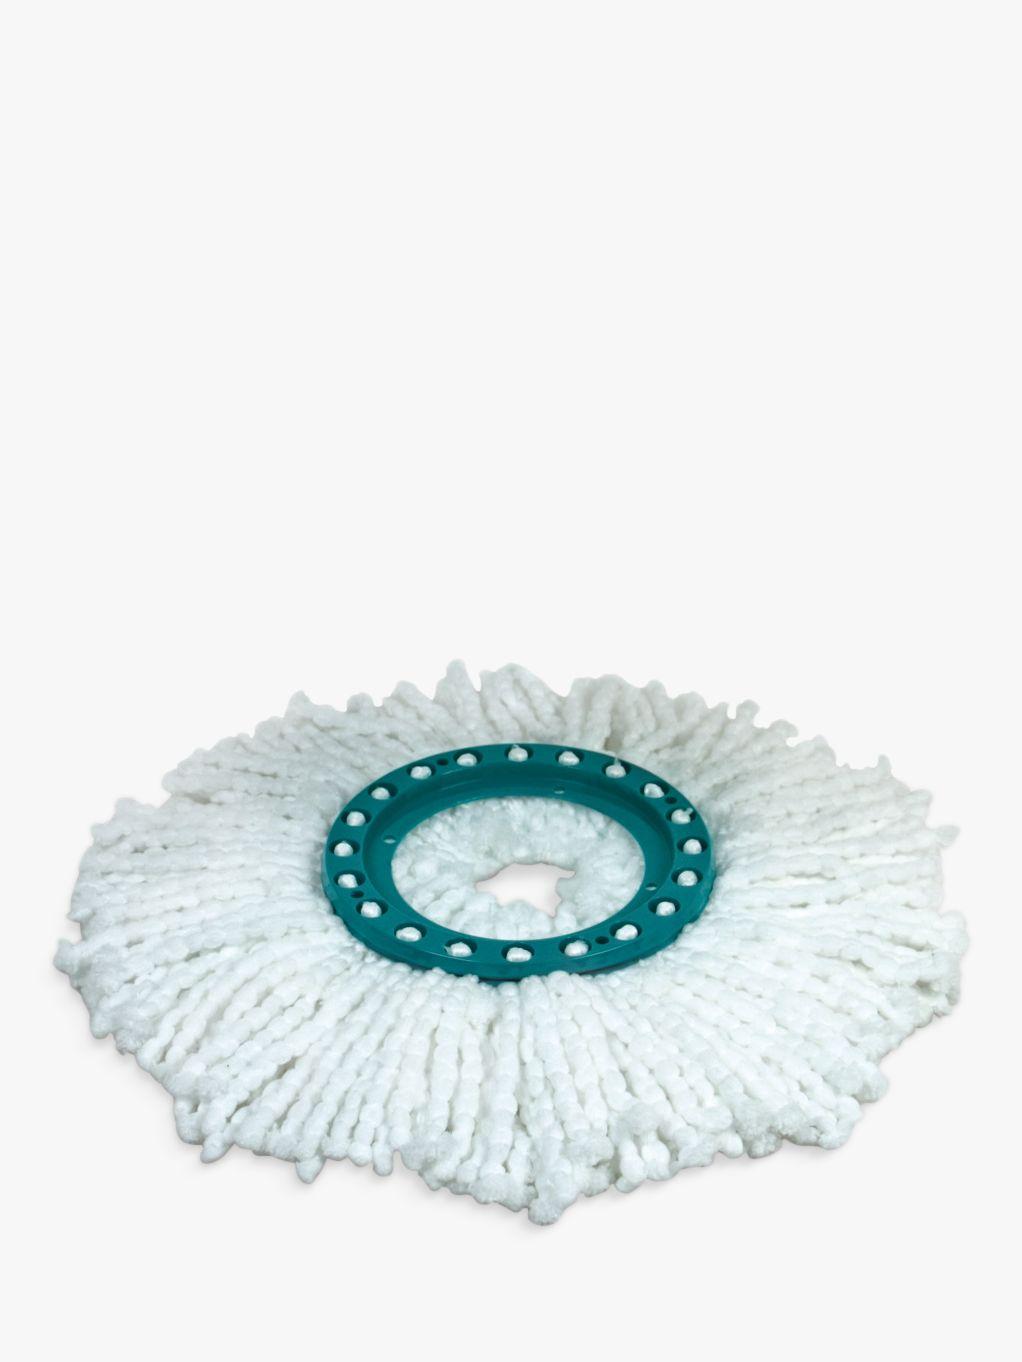 Leifheit Leifheit Combi Disc Mop Replacement Head